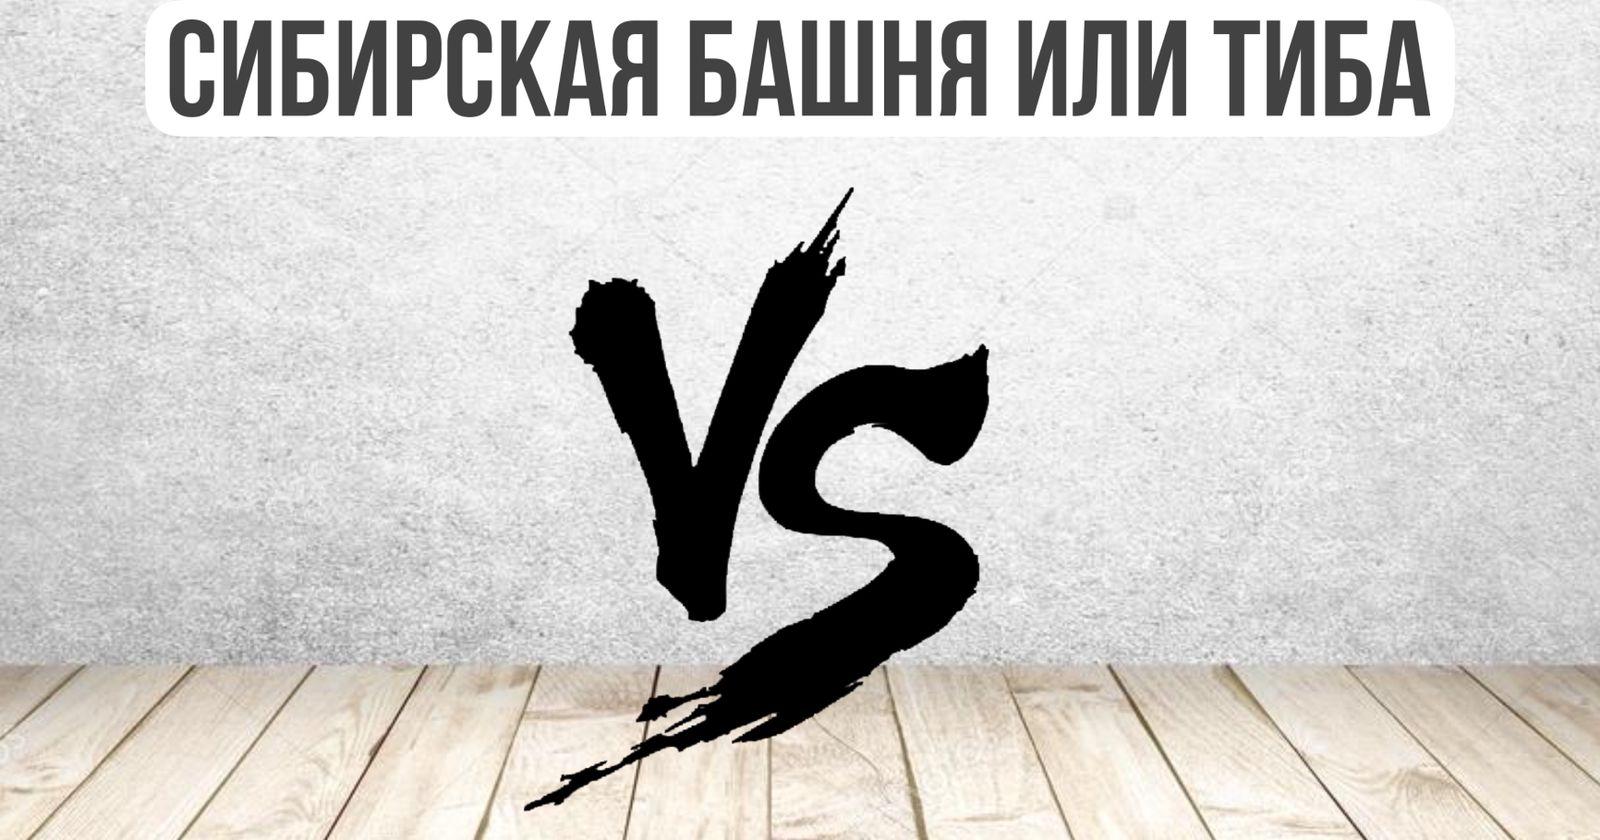 Тиба vs Сибирская башня. Сравнение.